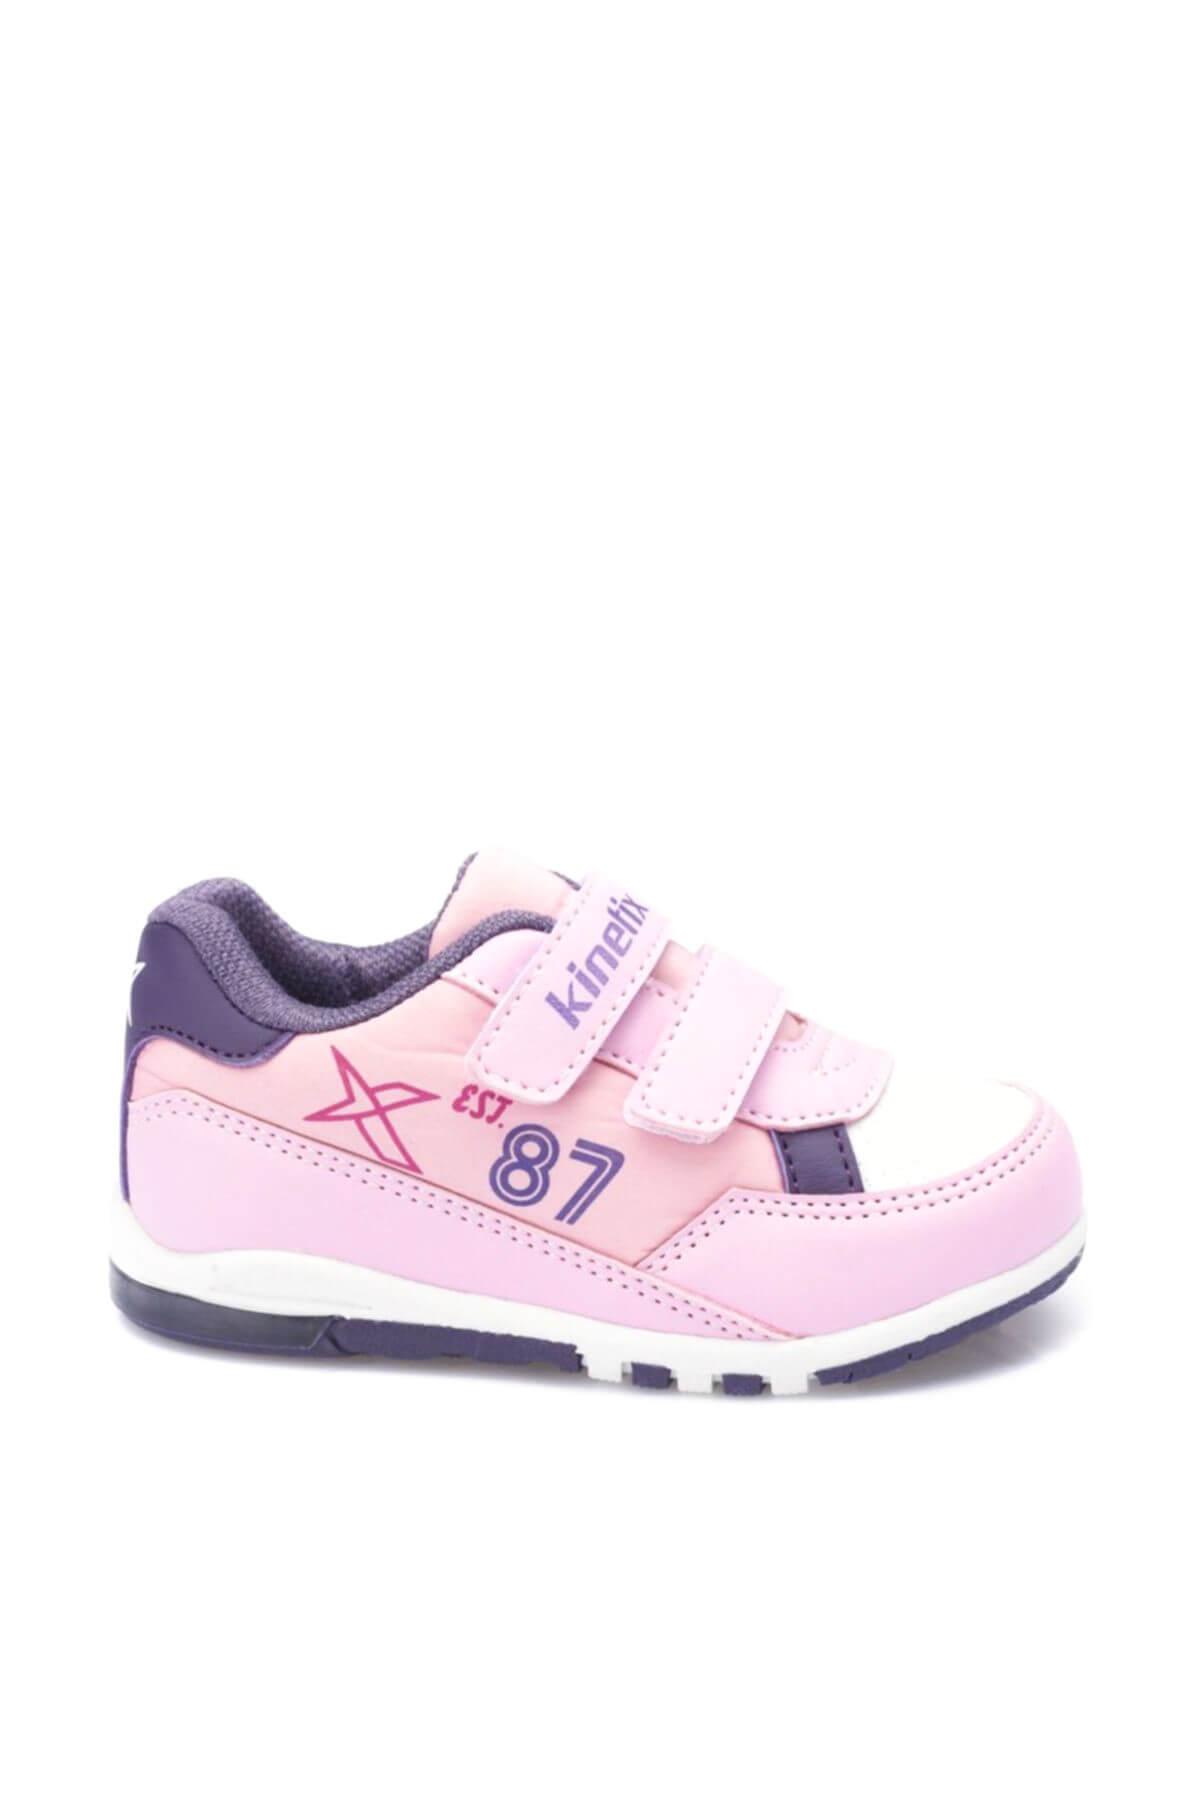 Kinetix Melsi Açık Pembe Mor Kız Çocuk Sneaker Ayakkabı 100325659 2